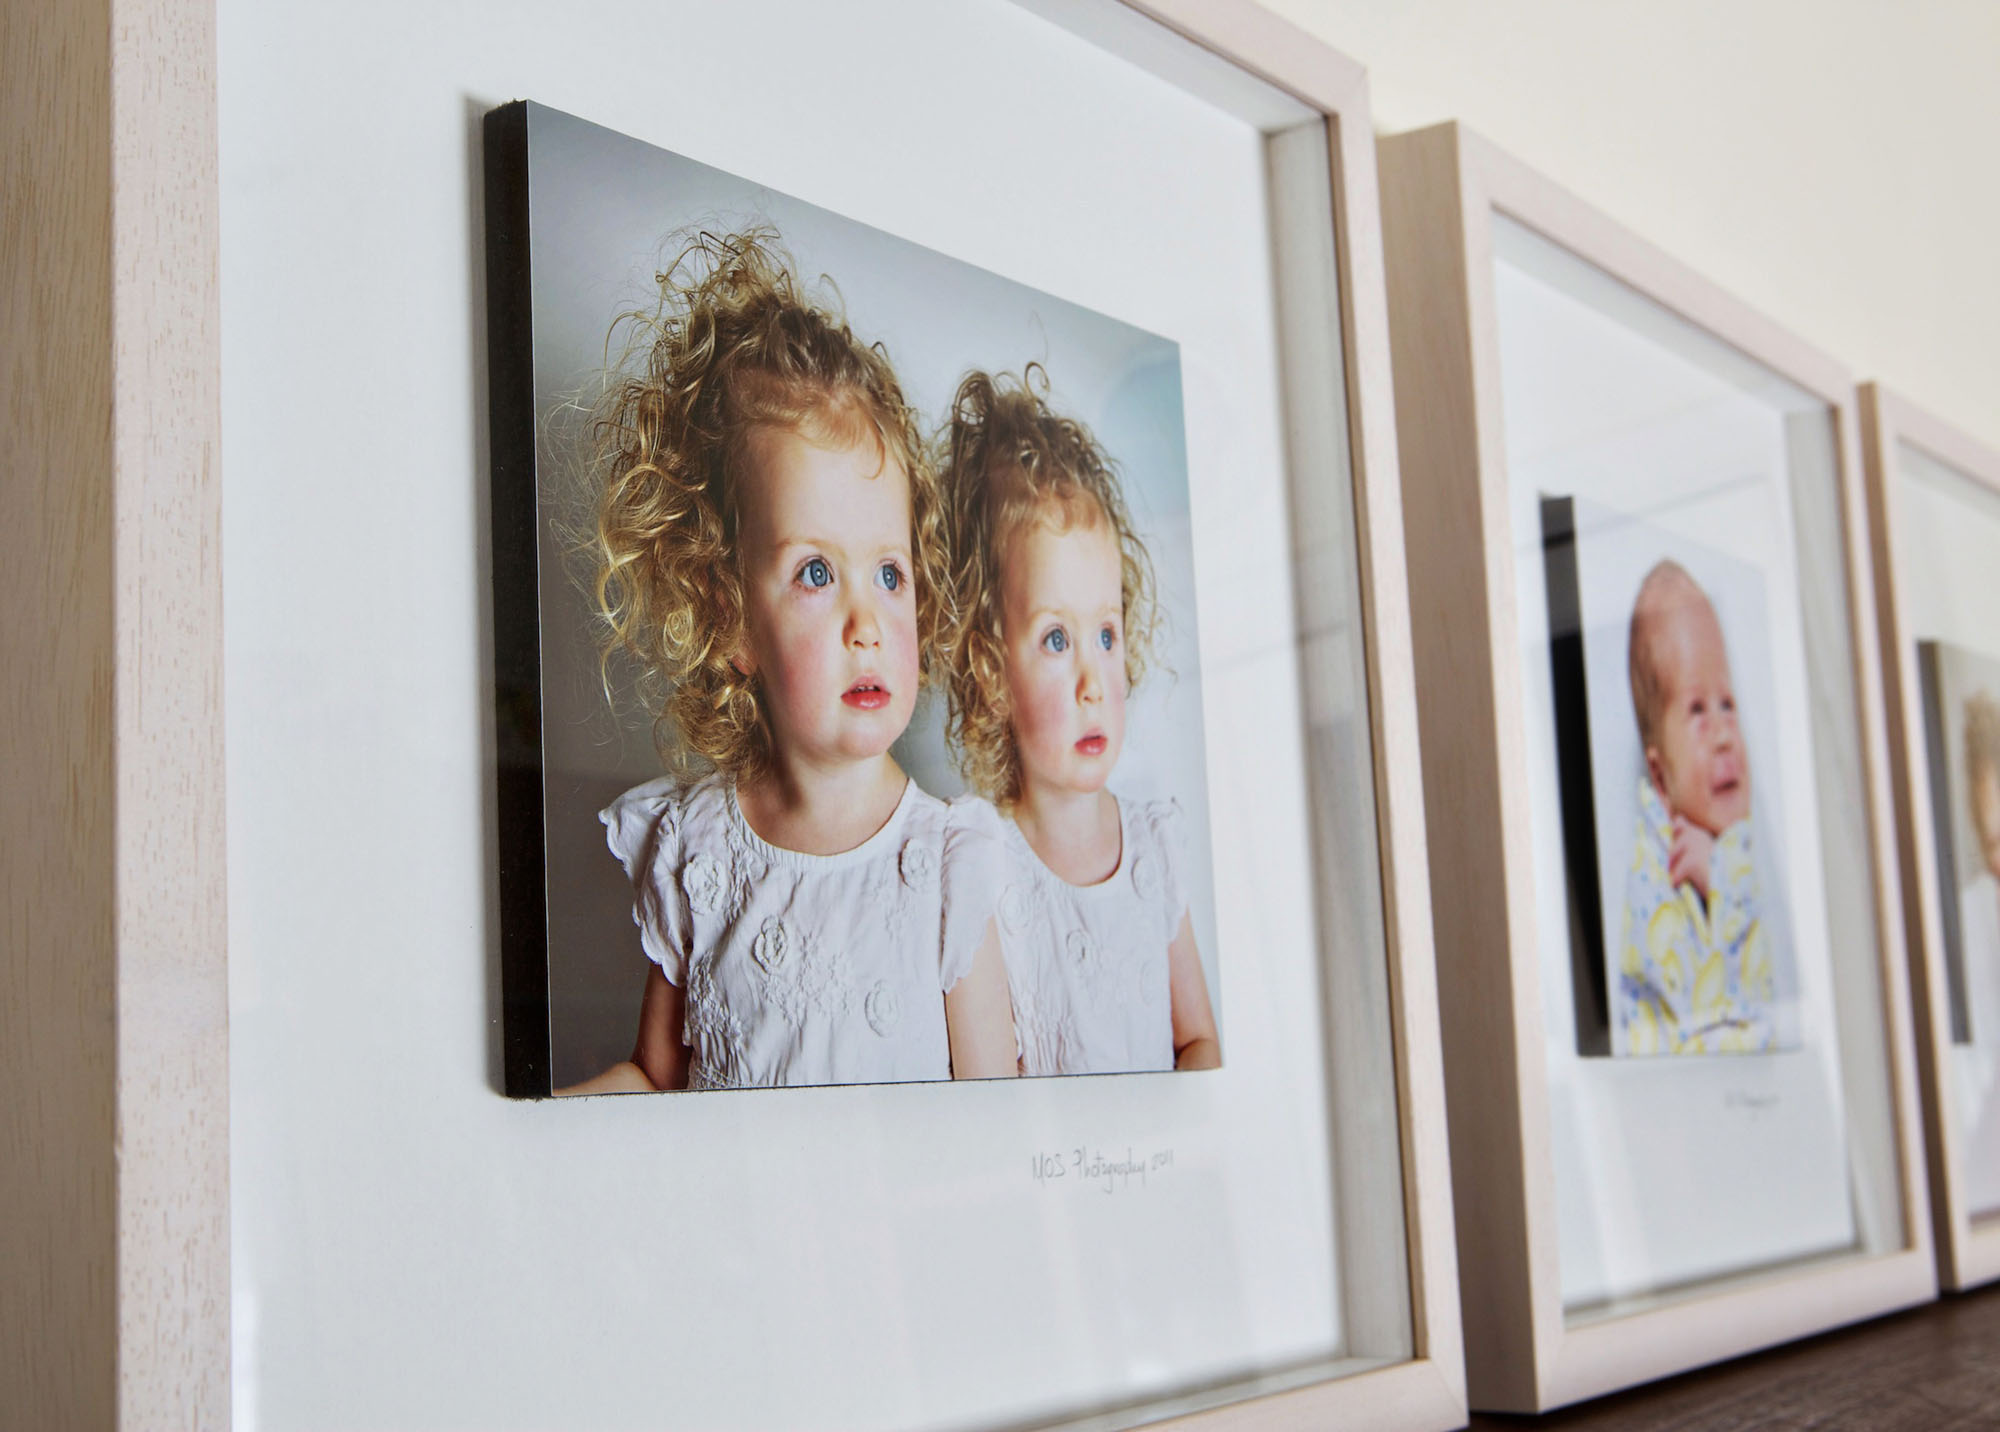 MOS frames